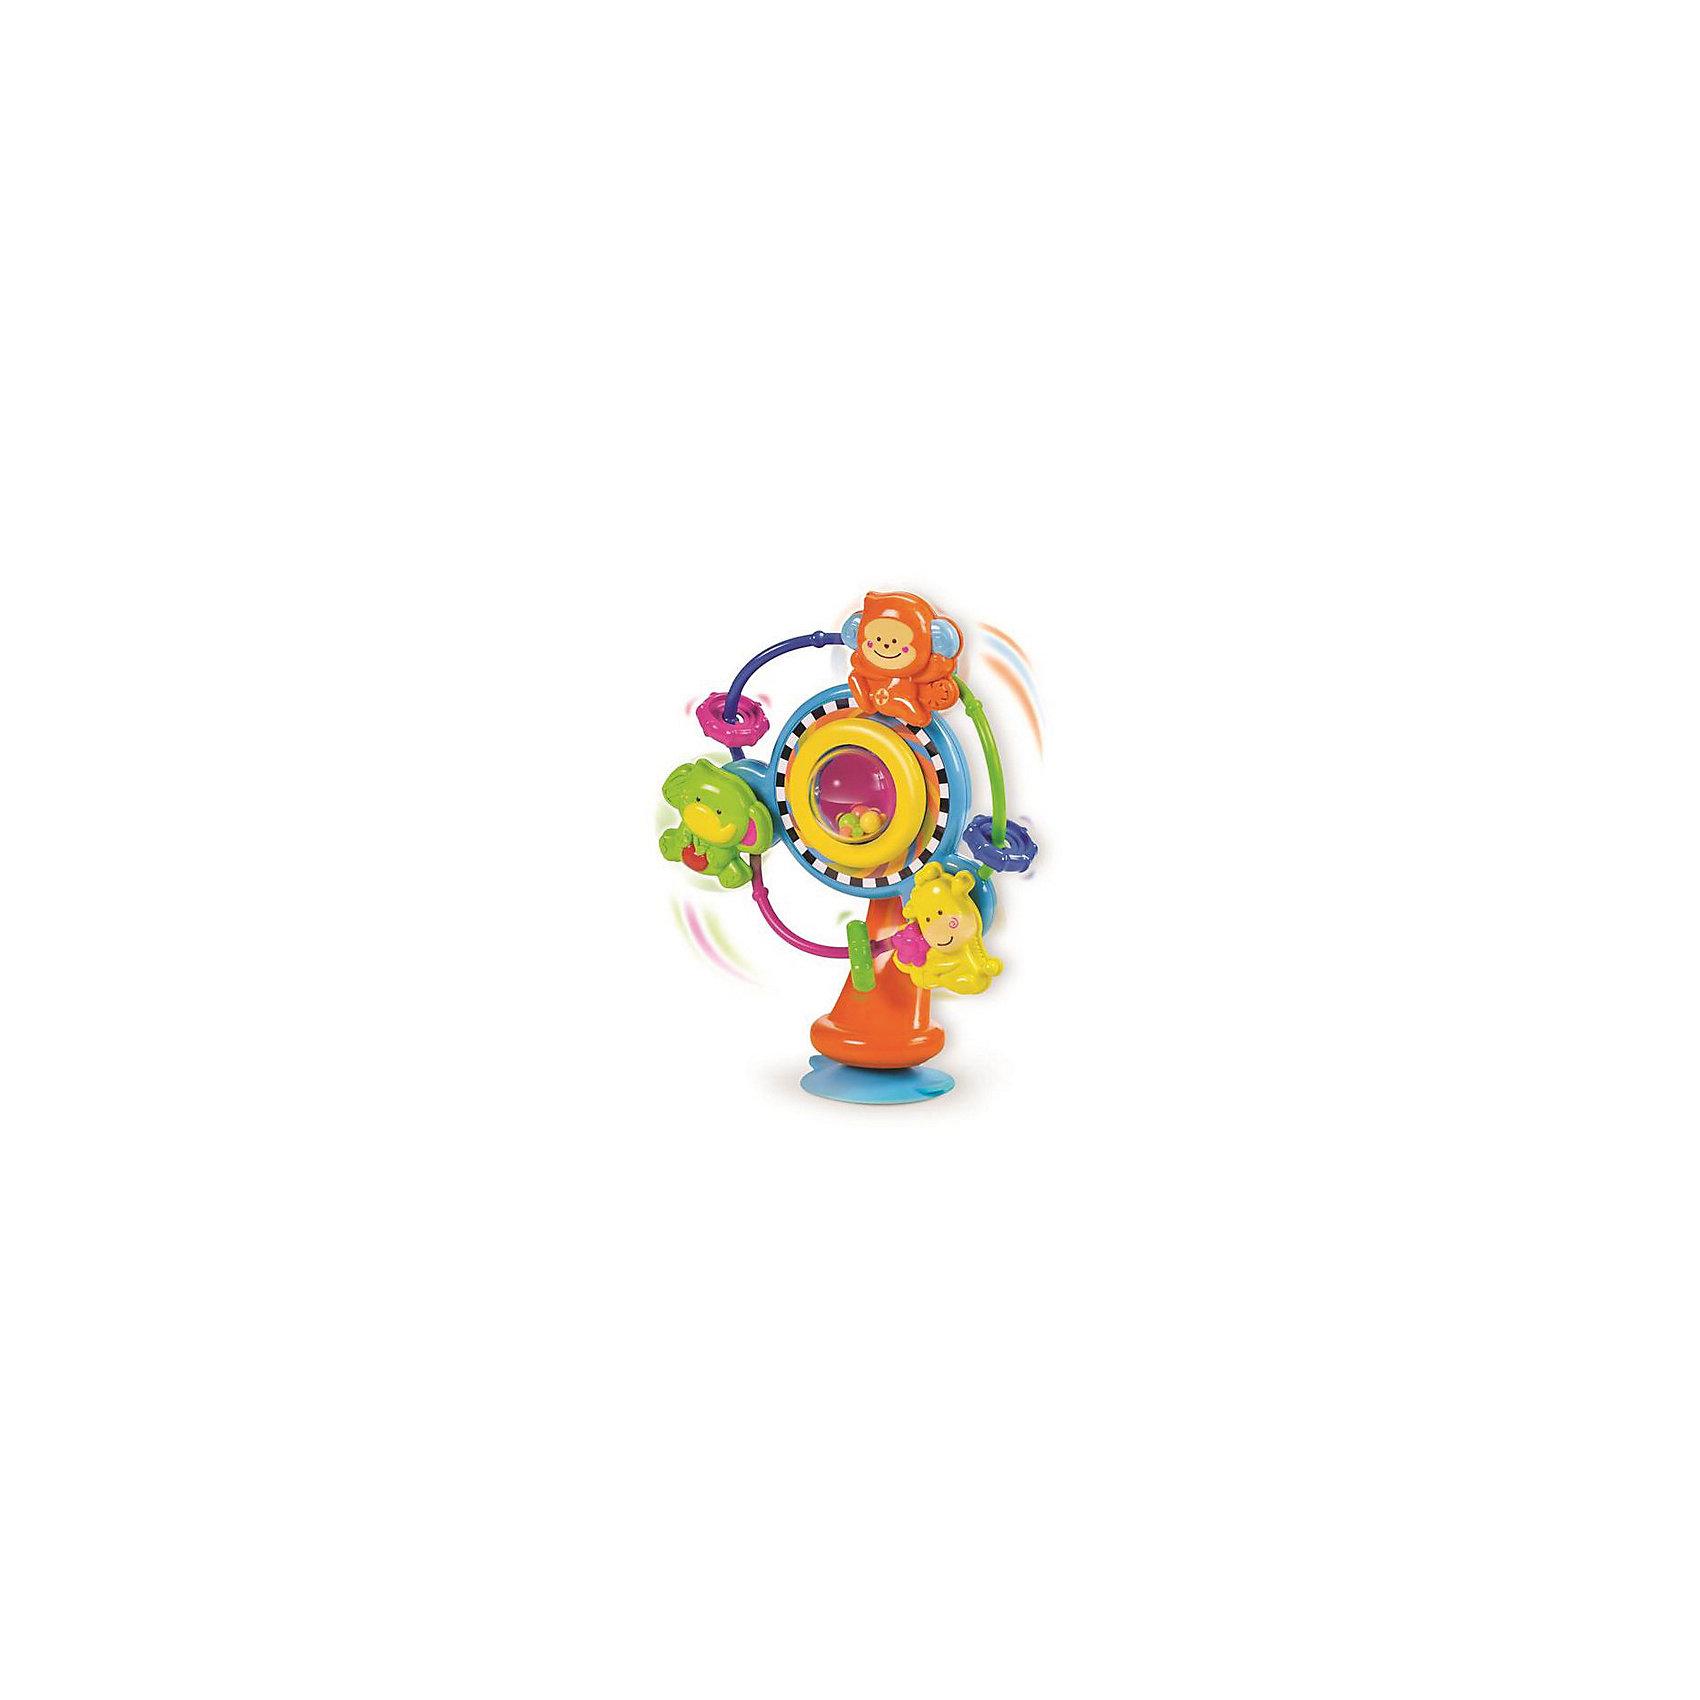 Игрушка на присоске Карусель, BKidsРазвивающие игрушки<br>Помогать развивать способности ребенка можно с самого раннего возраста. Делая это в игре, малыш всесторонне изучает мир и осваивает новые навыки. Эта игрушка представляет собой симпатичную погремушку на присоске.<br>Такие игрушки способствуют развитию мелкой моторики, воображения, цвето- и звуковосприятия, тактильных ощущений и обучению. Изделие разработано специально для самых маленьких. Сделано из материалов, безопасных для детей.<br><br>Дополнительная информация:<br><br>цвет: разноцветный;<br>размер упаковки: 18 х 10 х 23 см;<br>возраст: с 6 мес.<br><br>Игрушку на присоске Карусель от бренда BKids можно купить в нашем интернет-магазине.<br><br>Ширина мм: 100<br>Глубина мм: 100<br>Высота мм: 228<br>Вес г: 288<br>Возраст от месяцев: 6<br>Возраст до месяцев: 36<br>Пол: Унисекс<br>Возраст: Детский<br>SKU: 5055371